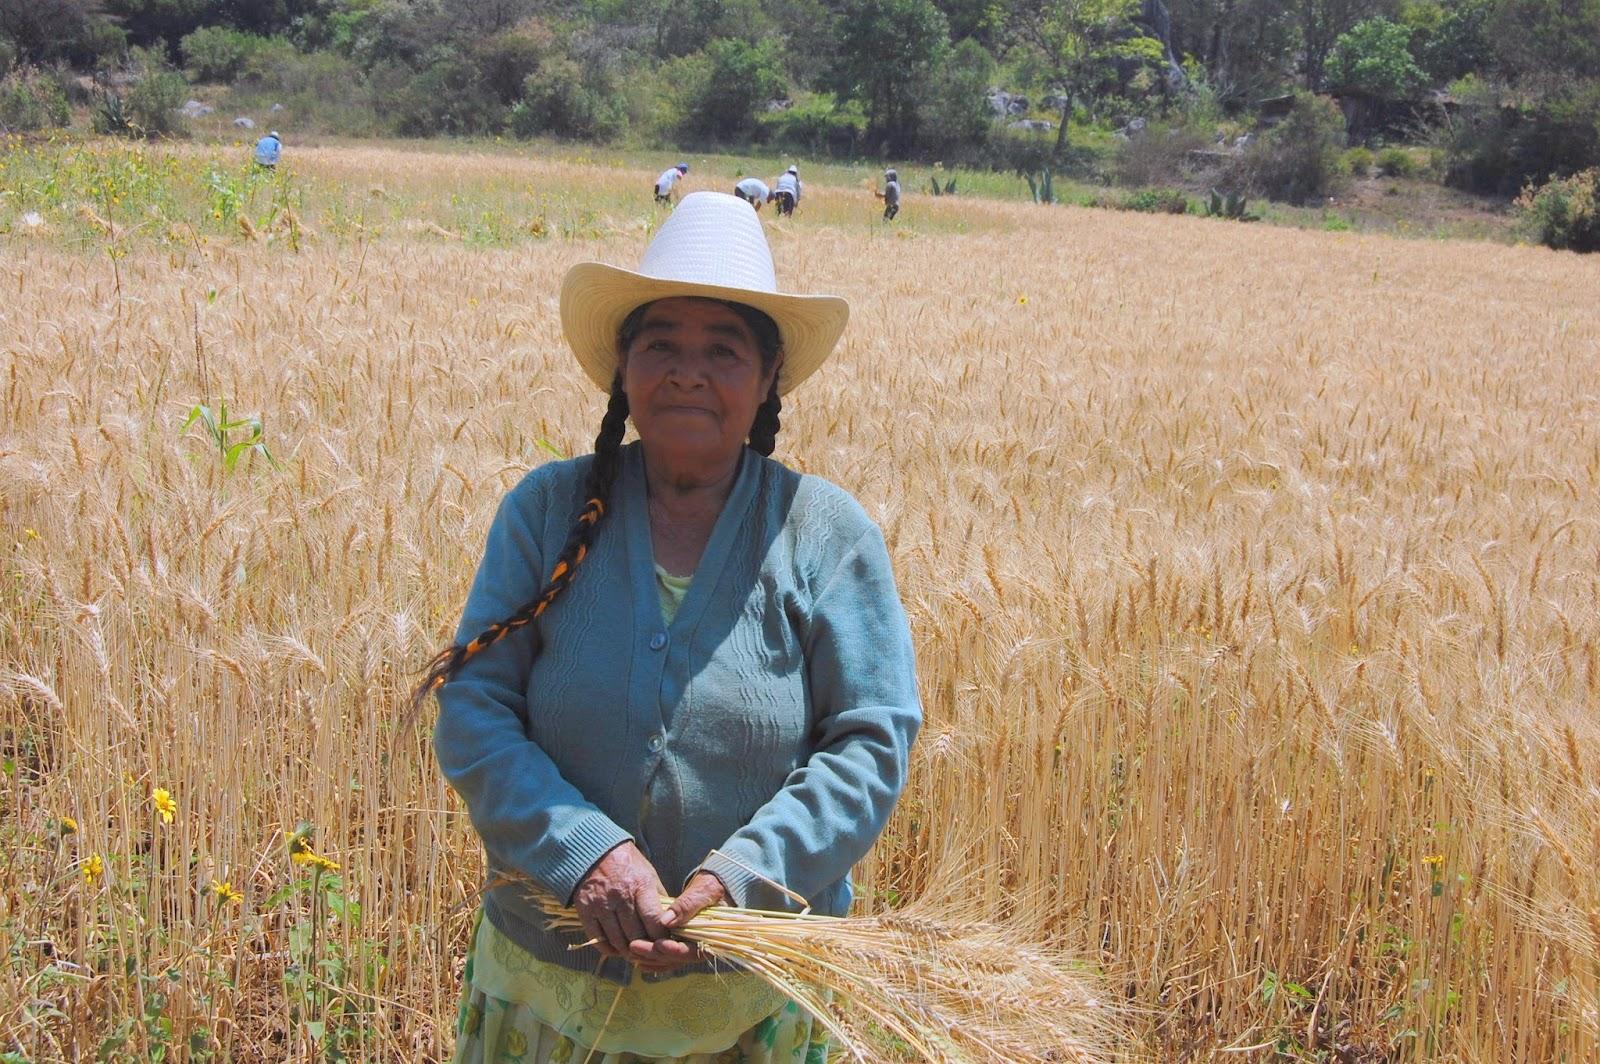 Oaxaca Gospel growth encourages ASM